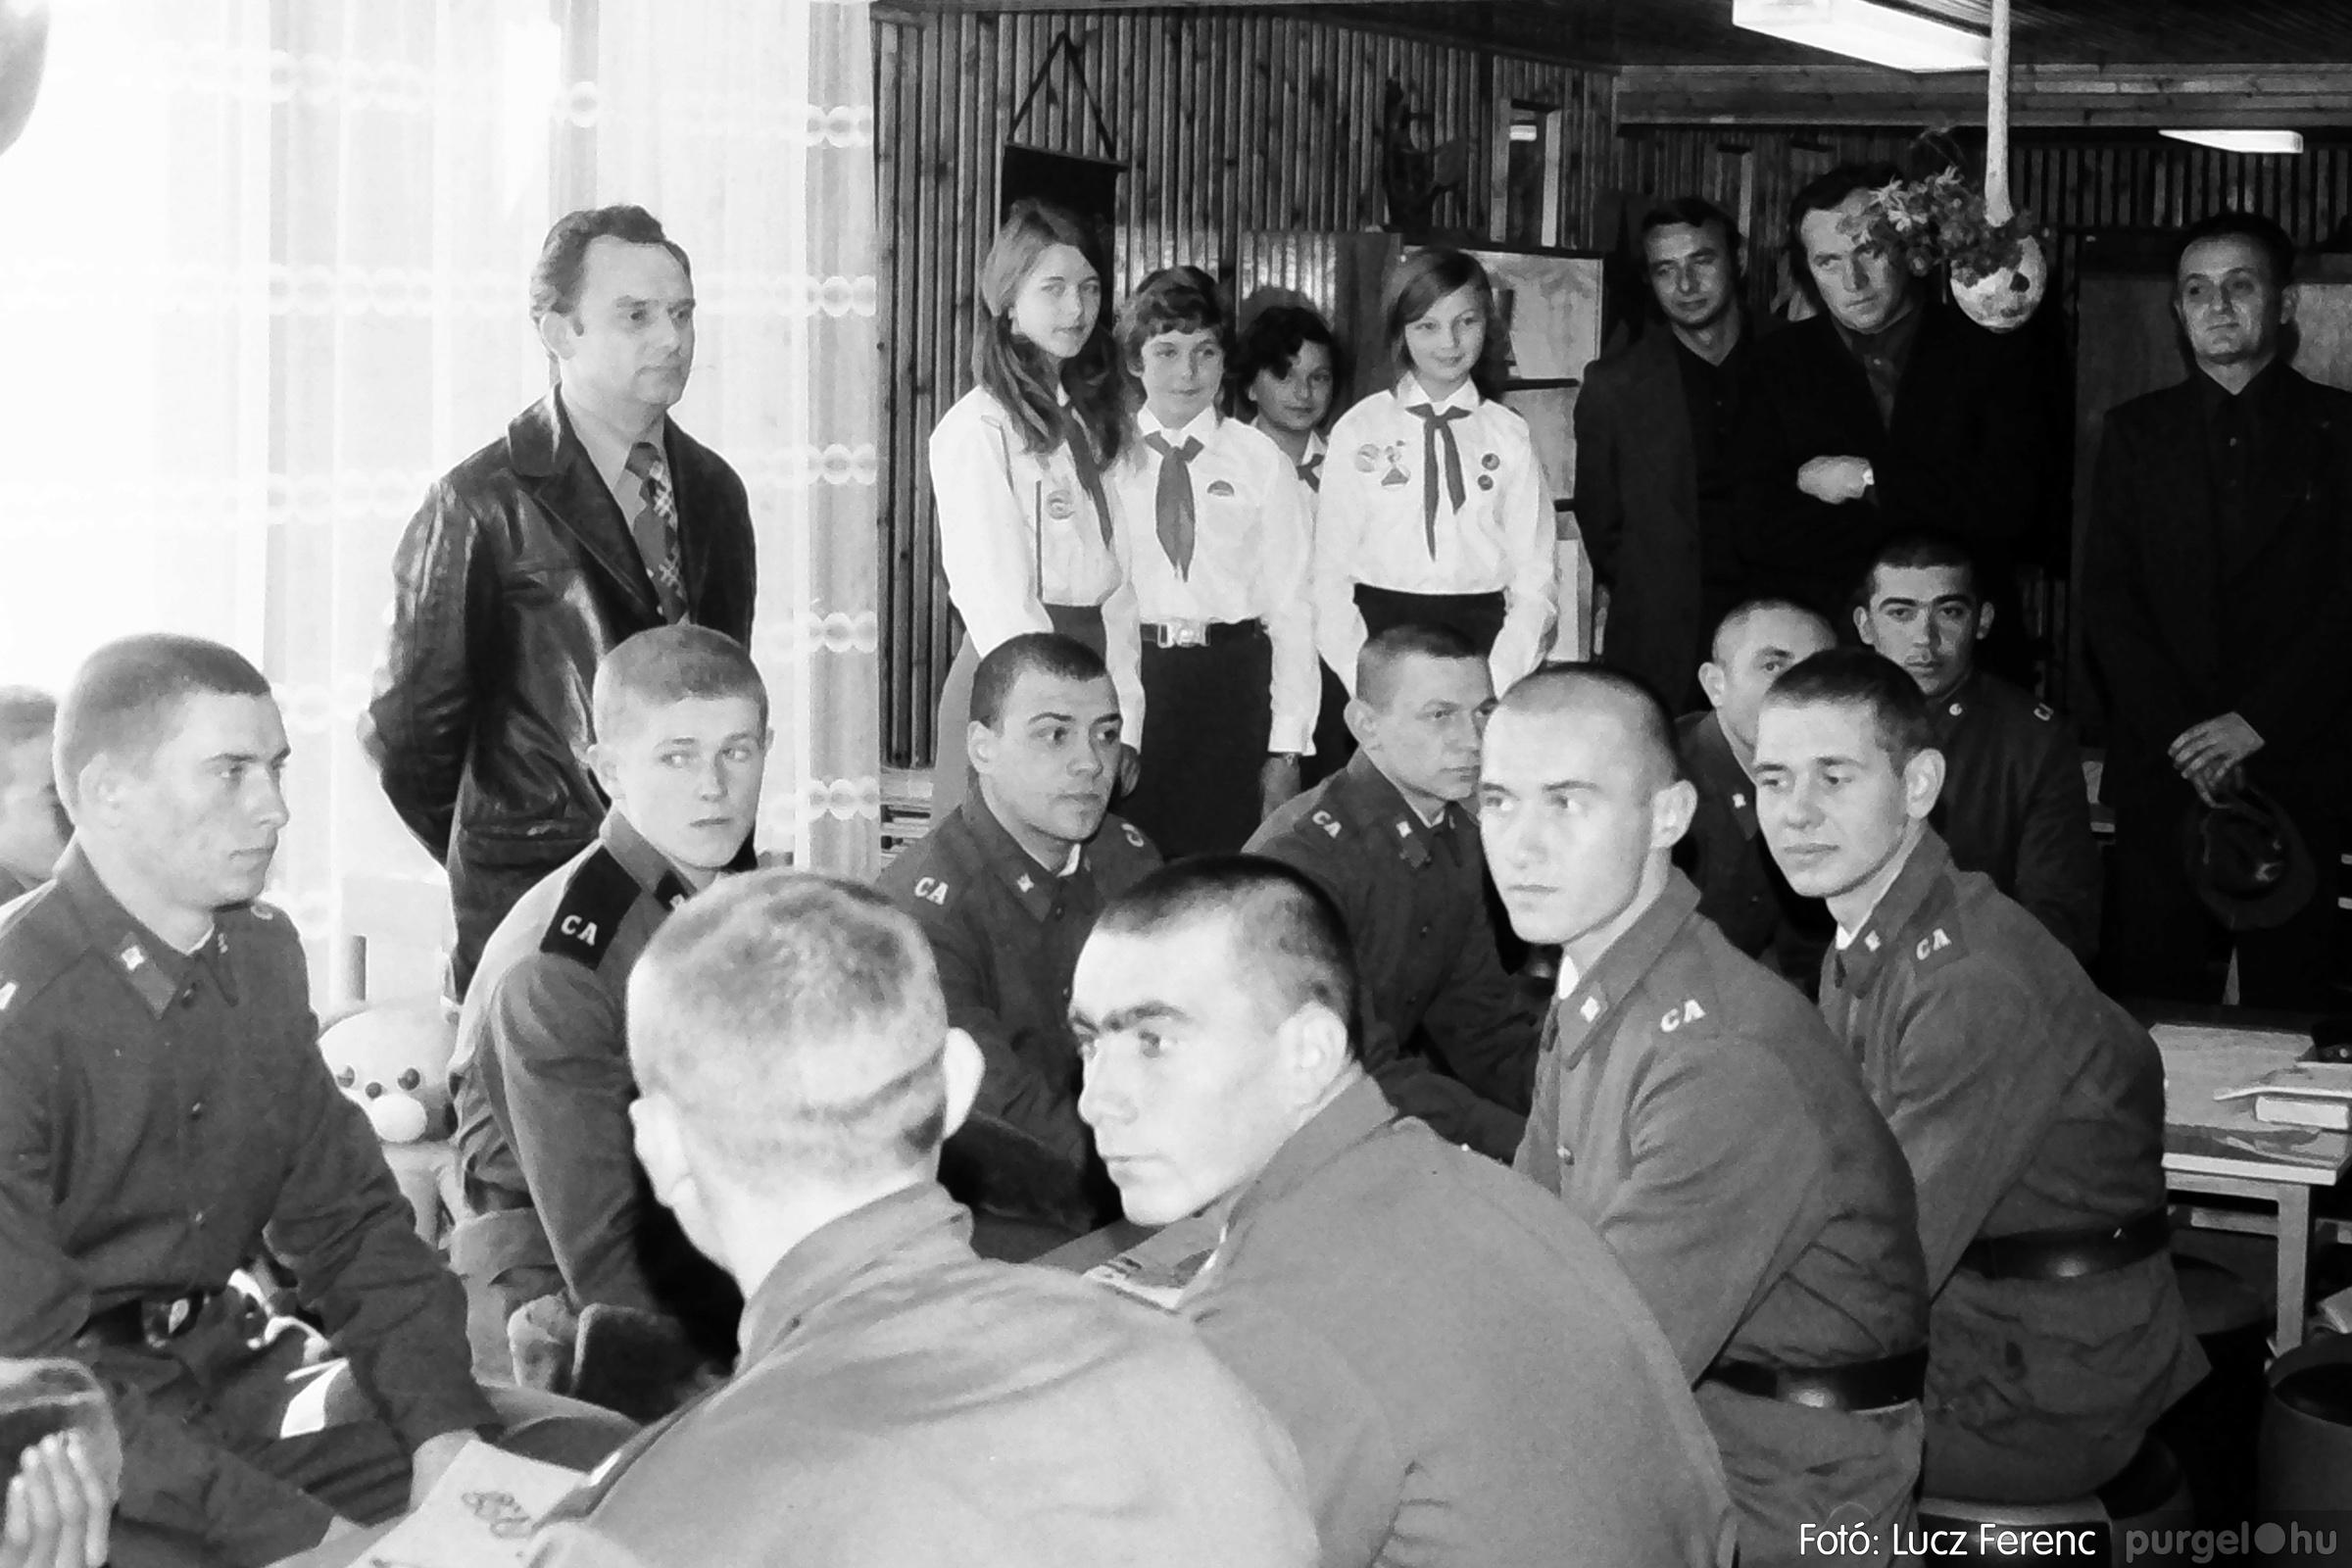 093. 1977. Szovjet katonák látogatása a nagy októberi szocialista forradalom 60. évfordulóján 009. - Fotó: Lucz Ferenc.jpg